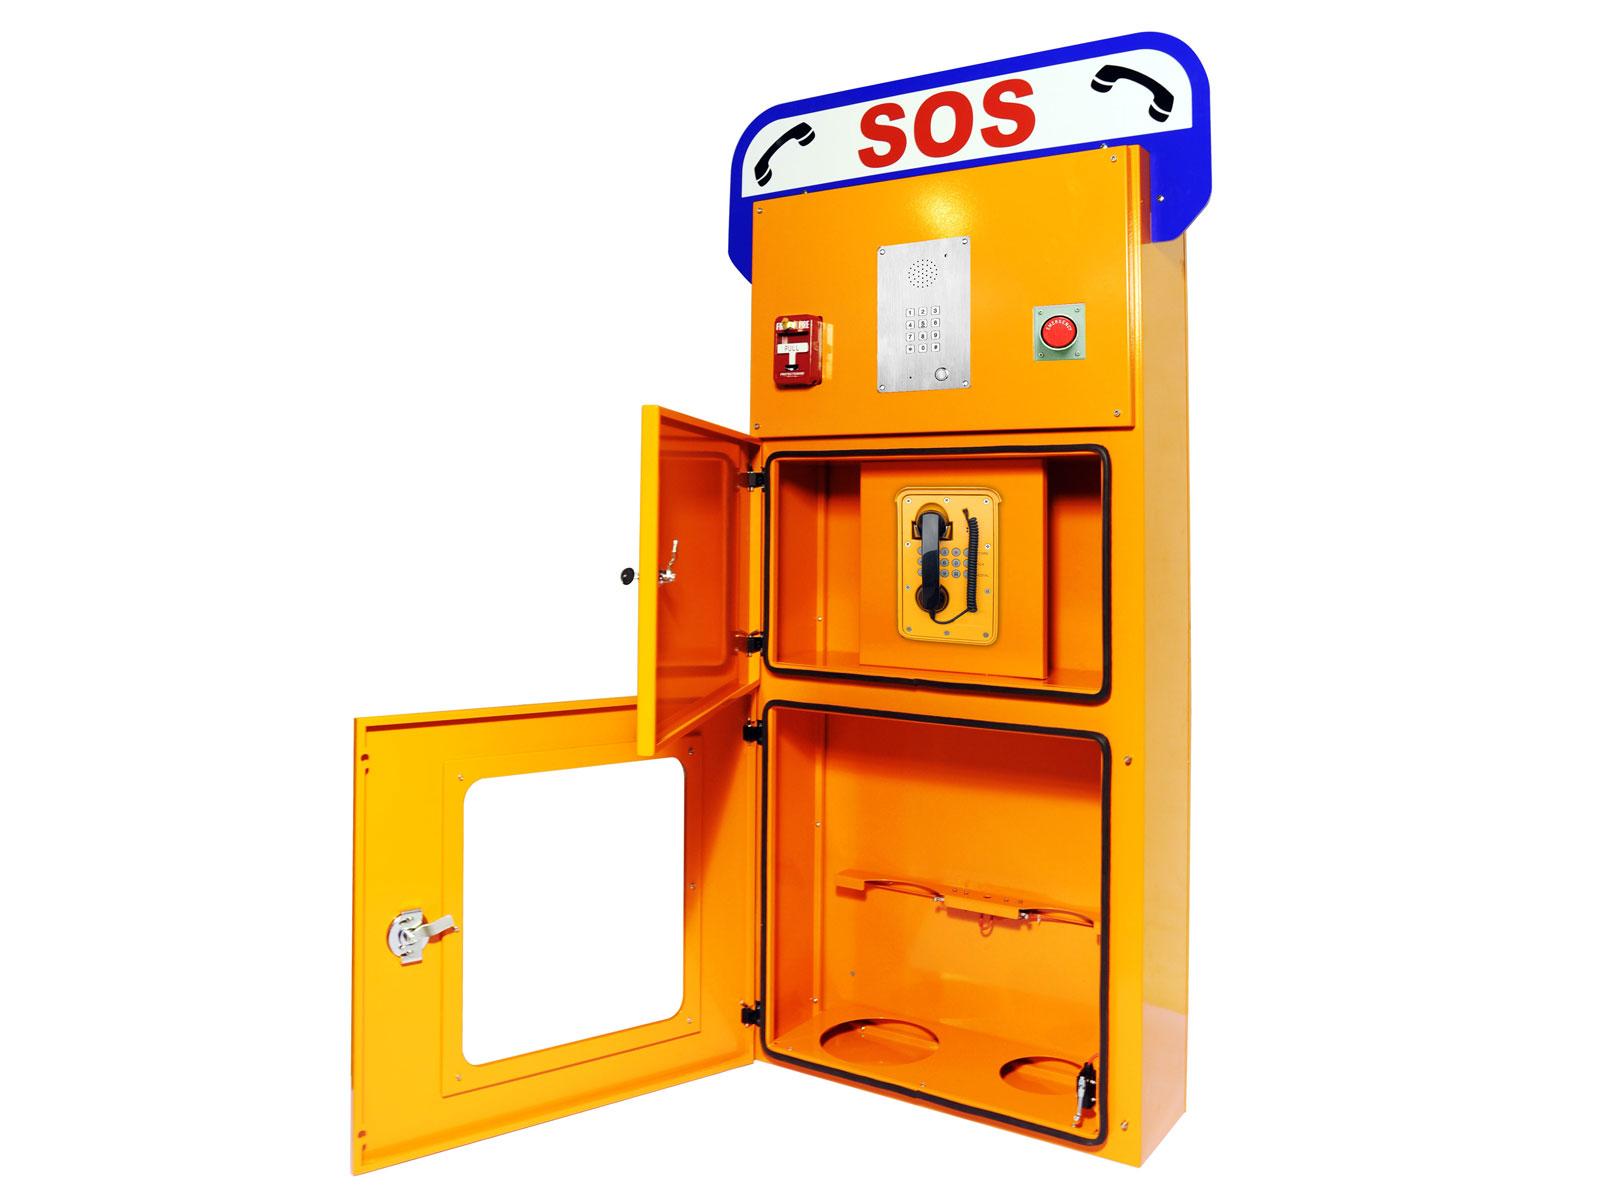 Acil Durum İstasyonu SOS Ana Panosu